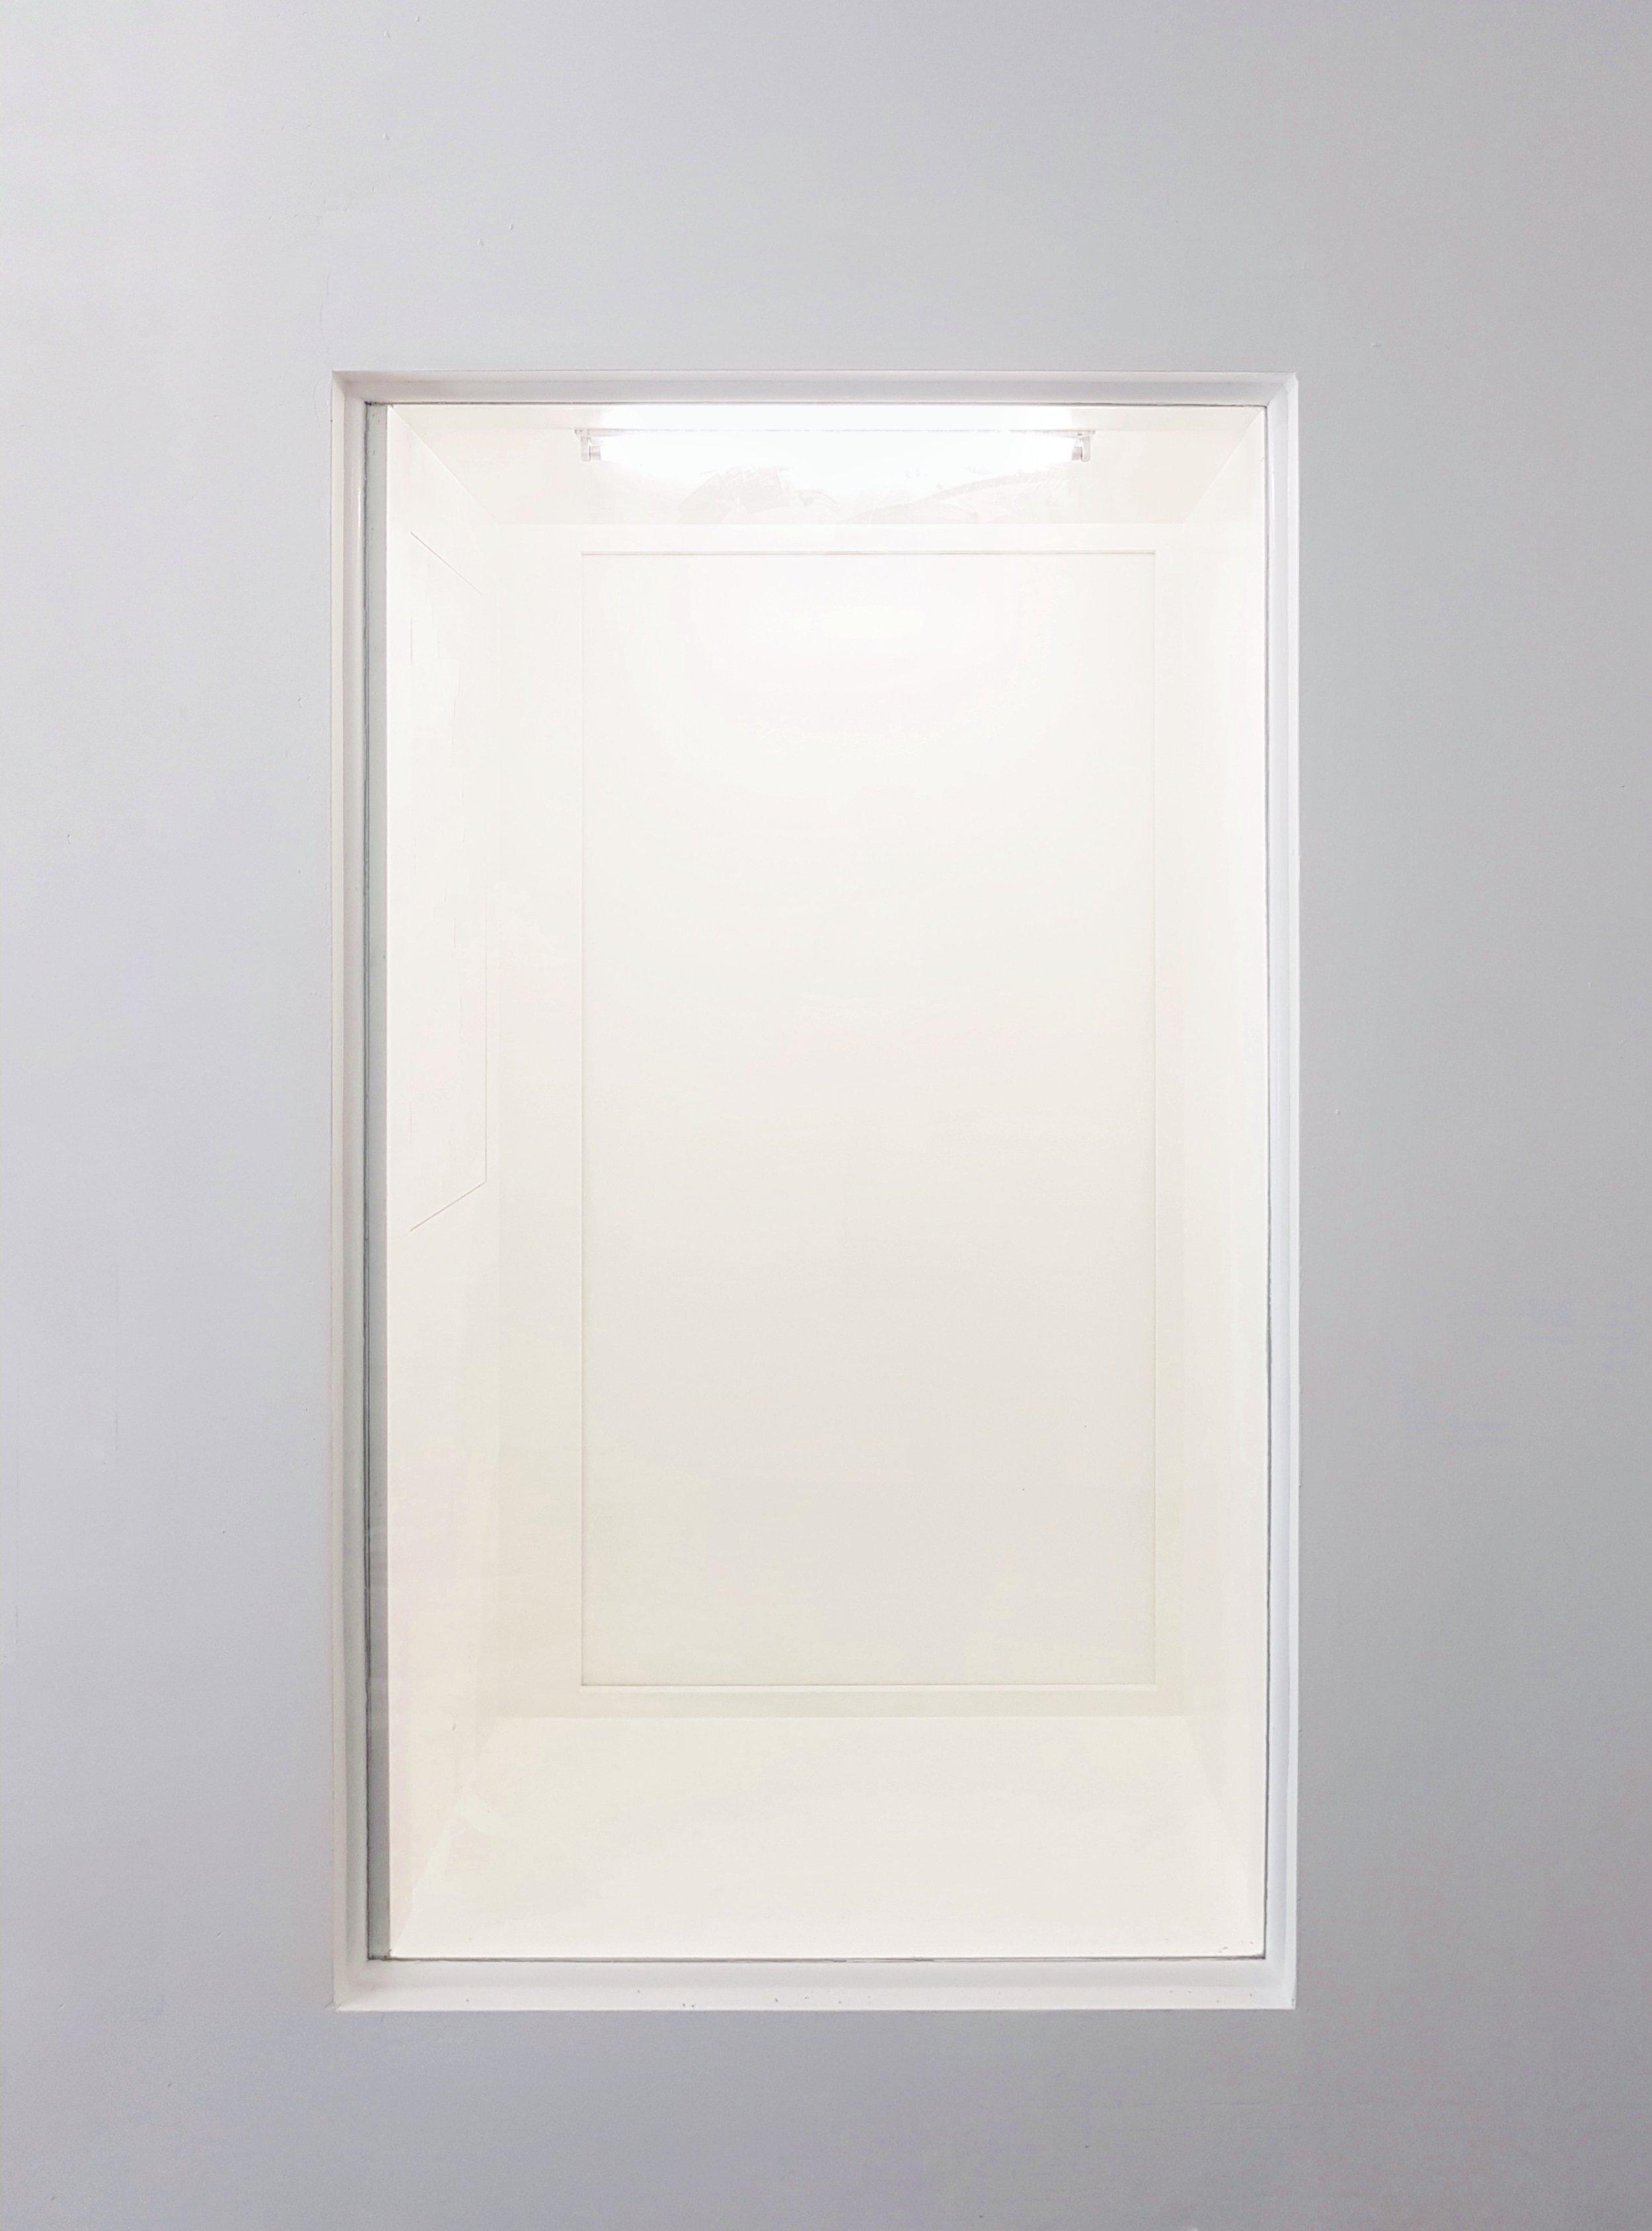 Akin Vitrine Gallery (1).jpg